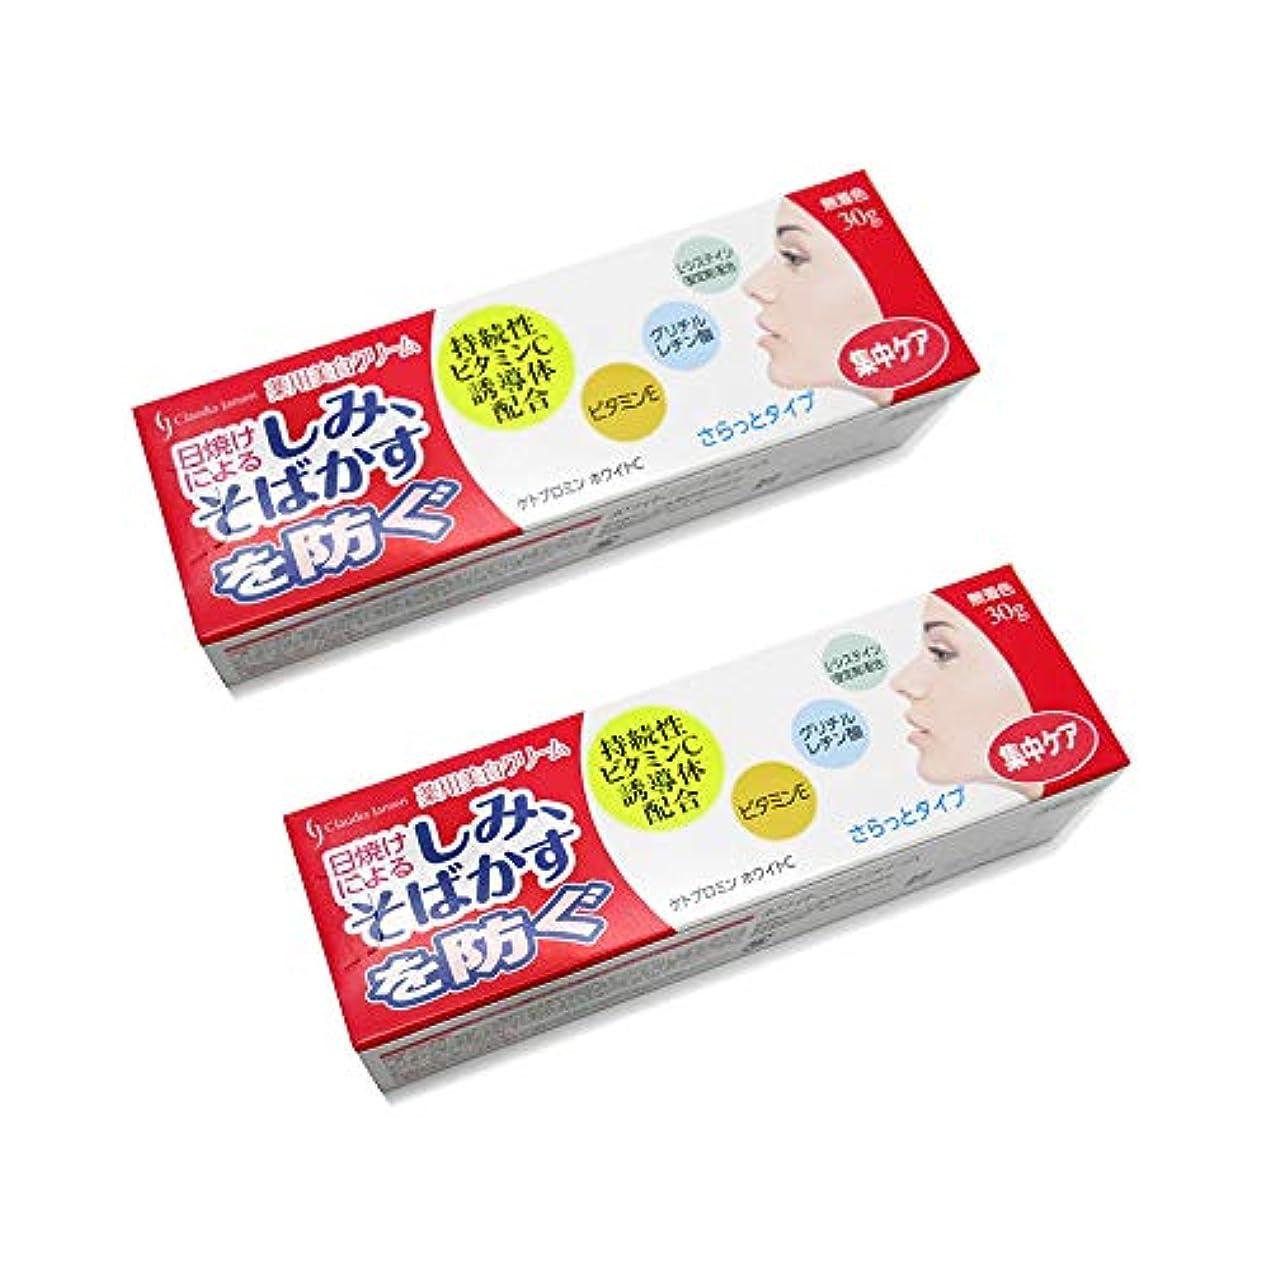 国歌征服するビュッフェ薬用ホワイトニングクリームC 30g 2個セット 美白クリーム 薬用 美白クリーム 美白ケア 医薬部外品